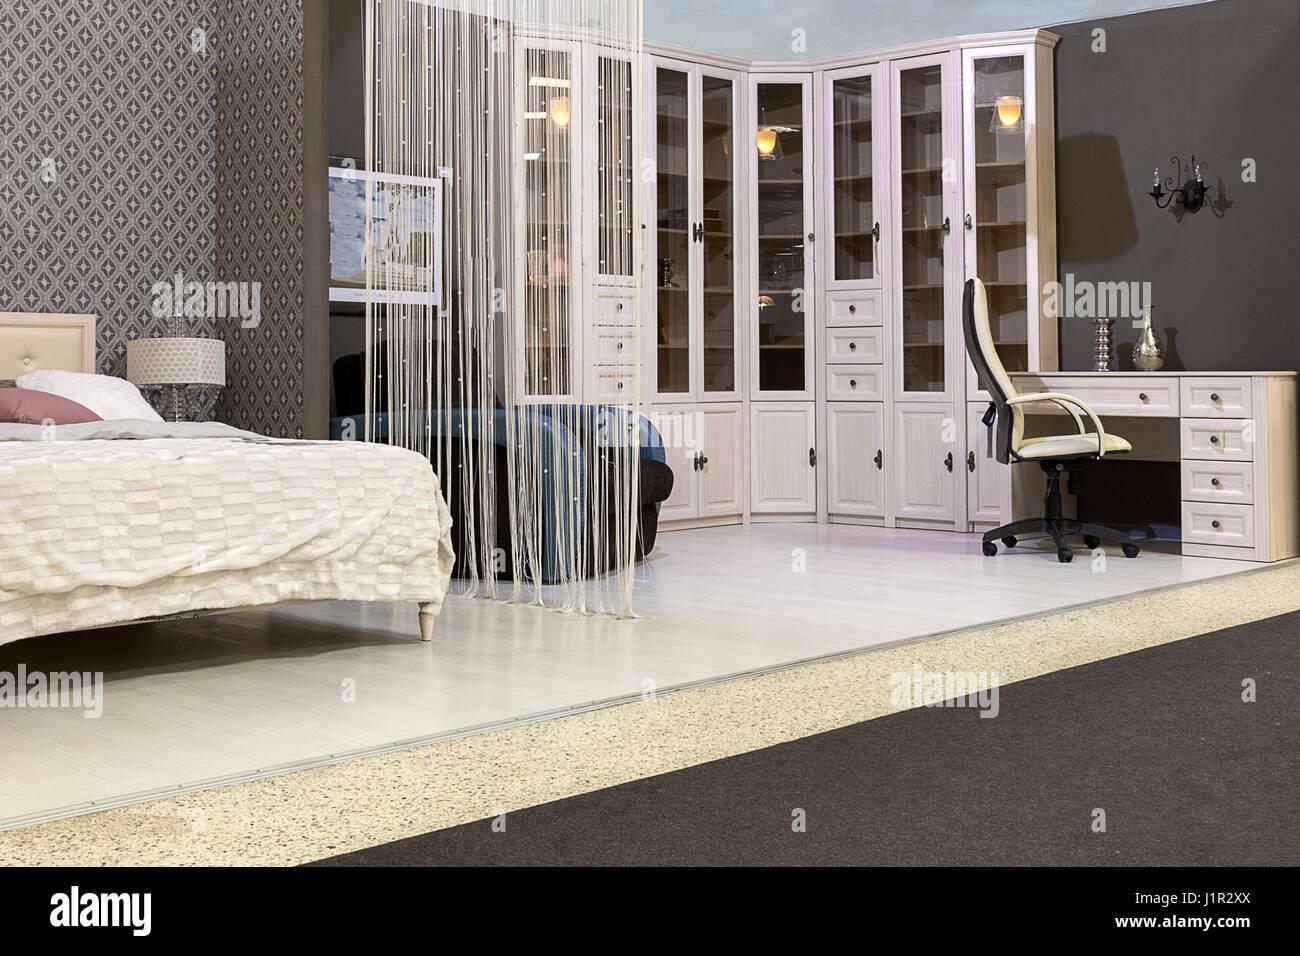 Schlafzimmer mit einem Bett, einem Kleiderschrank ...